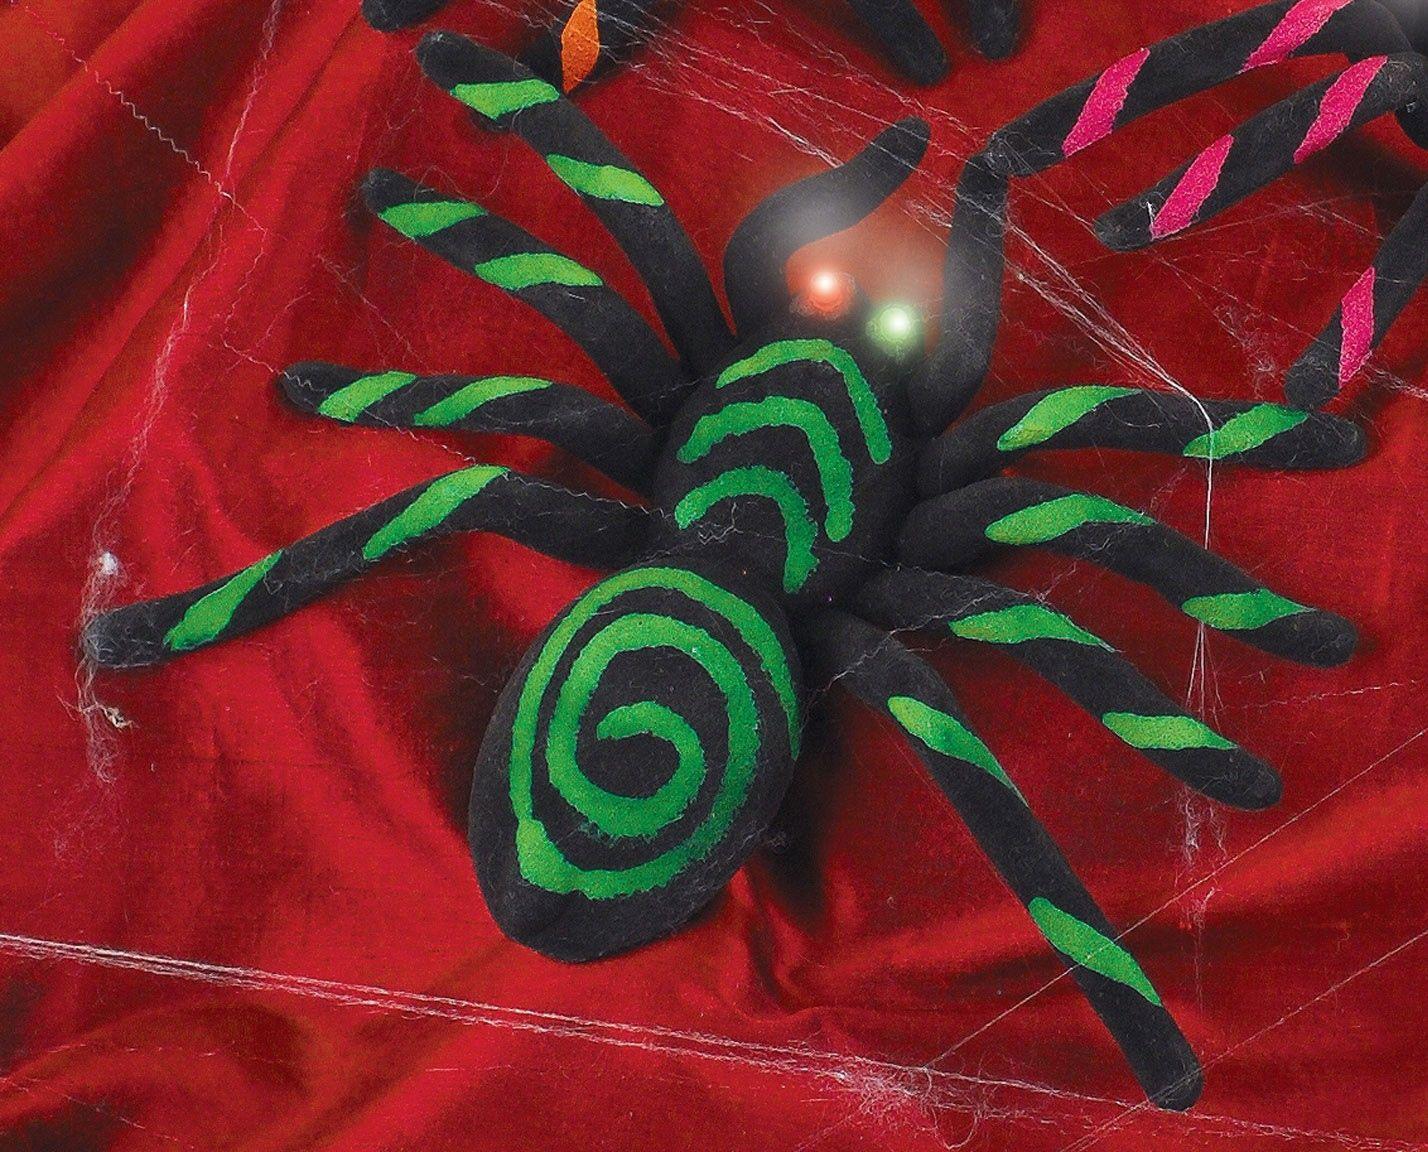 Показать картинку черного паука с зелеными глазами сотворения